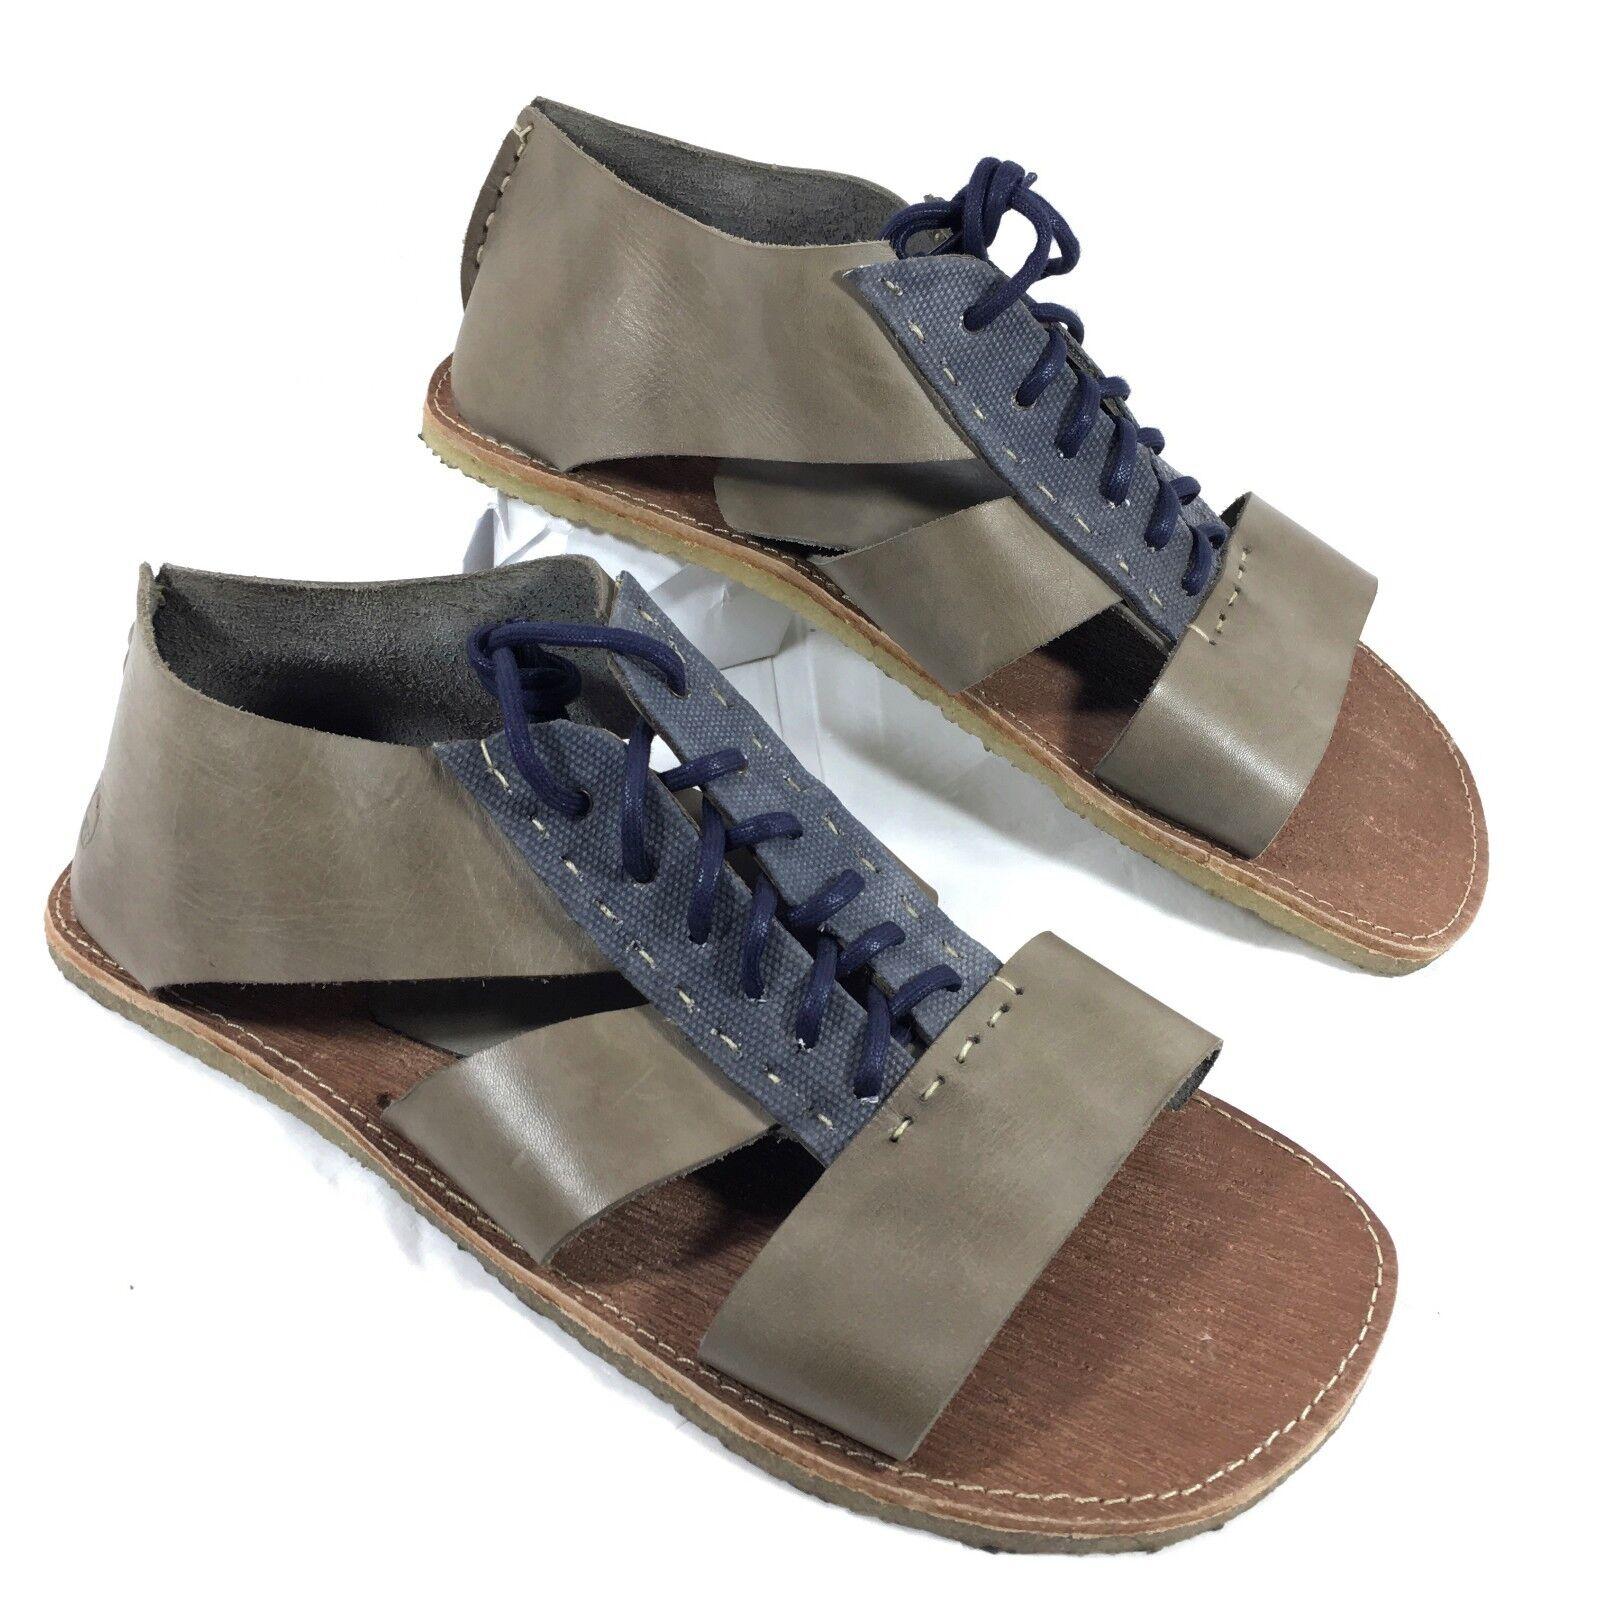 nyA Artola Brooklyn Gladiator Sandaler Bspringaaat blått läder läder läder Sz 10.5  fri leverans